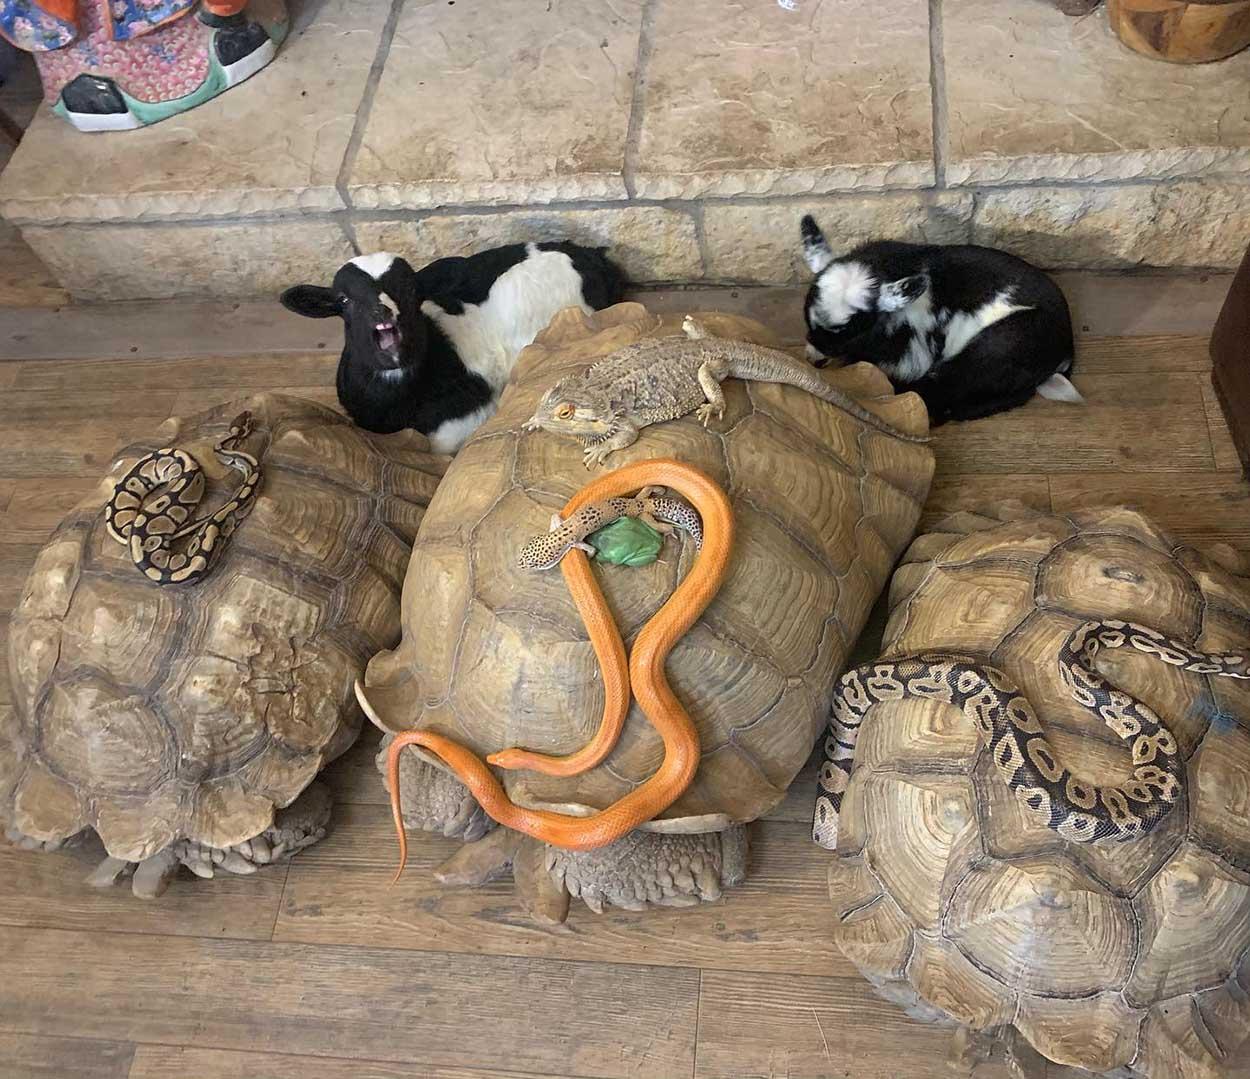 Animales de santuario refugiándose de una tormenta